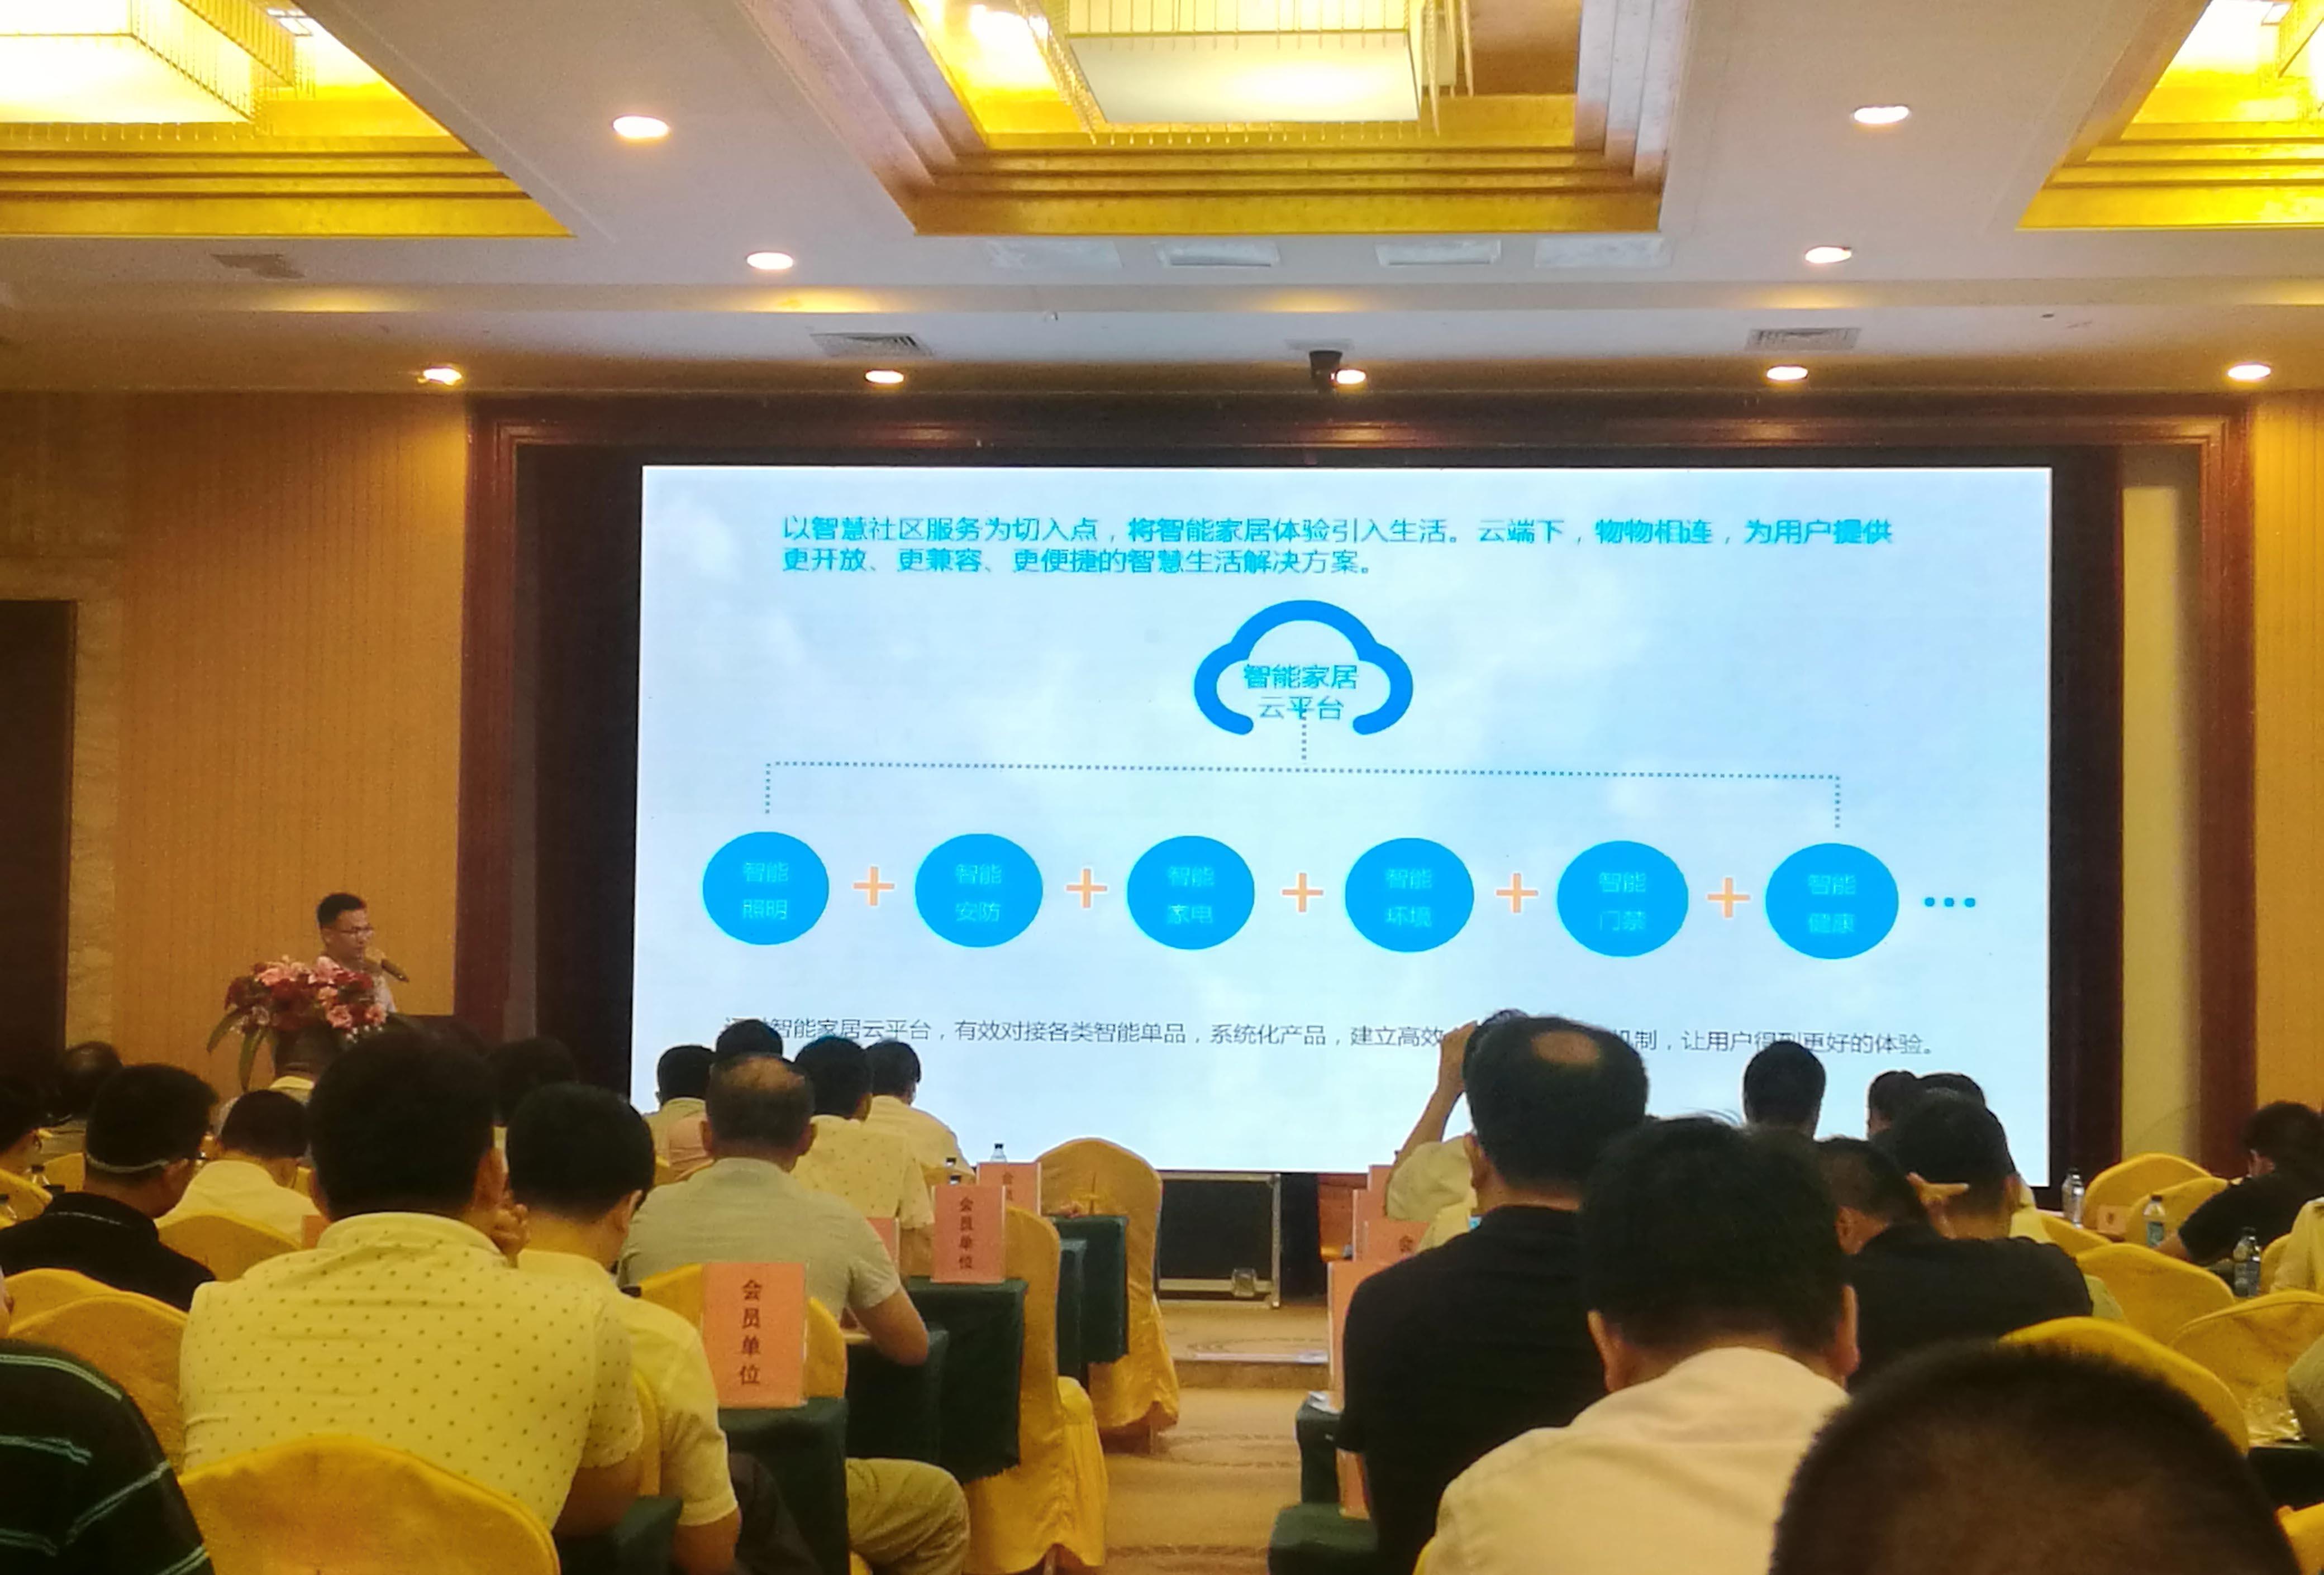 福建省智能家居行业协会二周年庆典